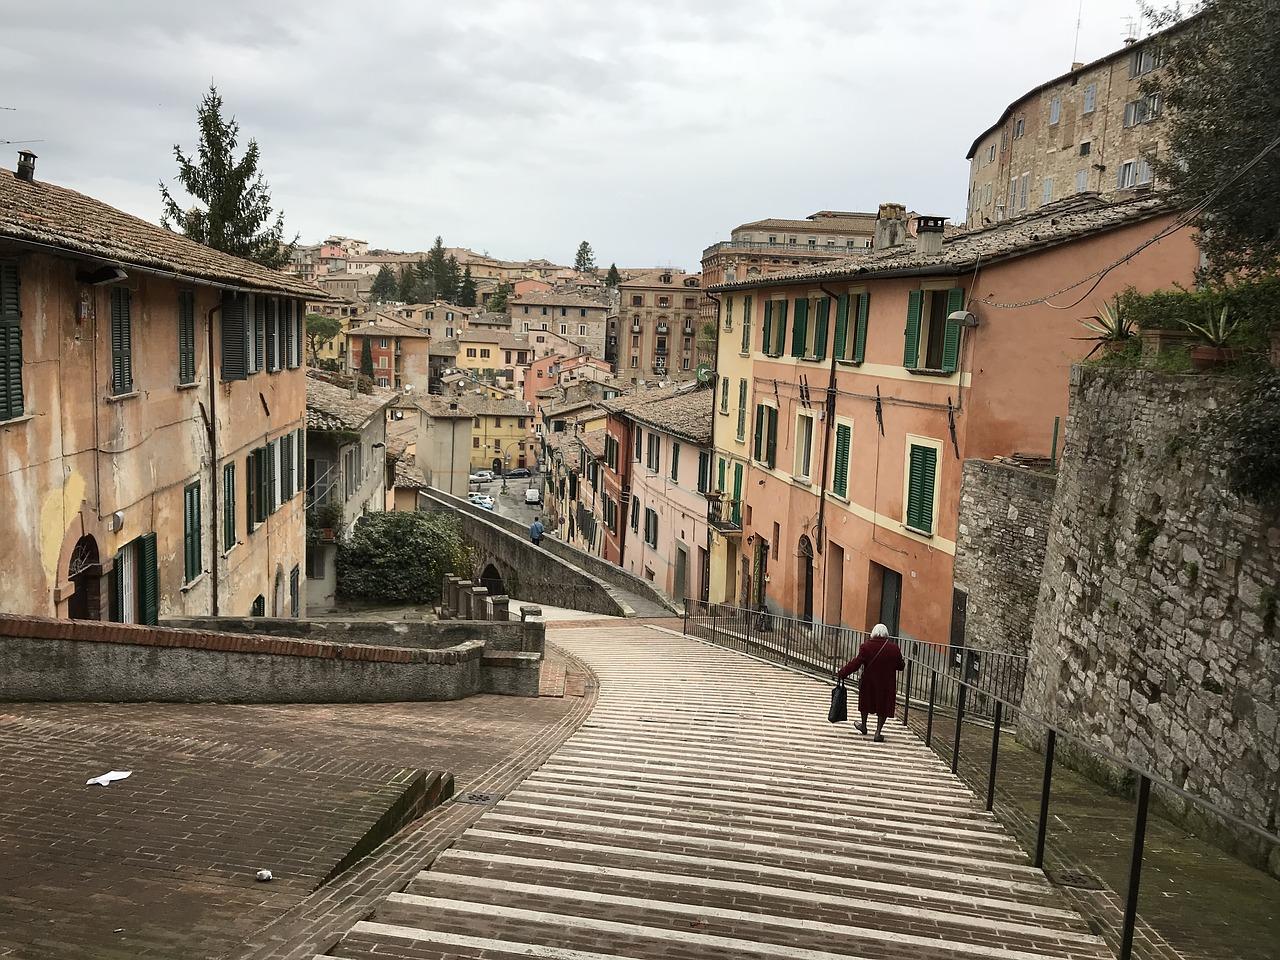 Architektura Perugia Włochy Wakacje i wycieczki do Włoch